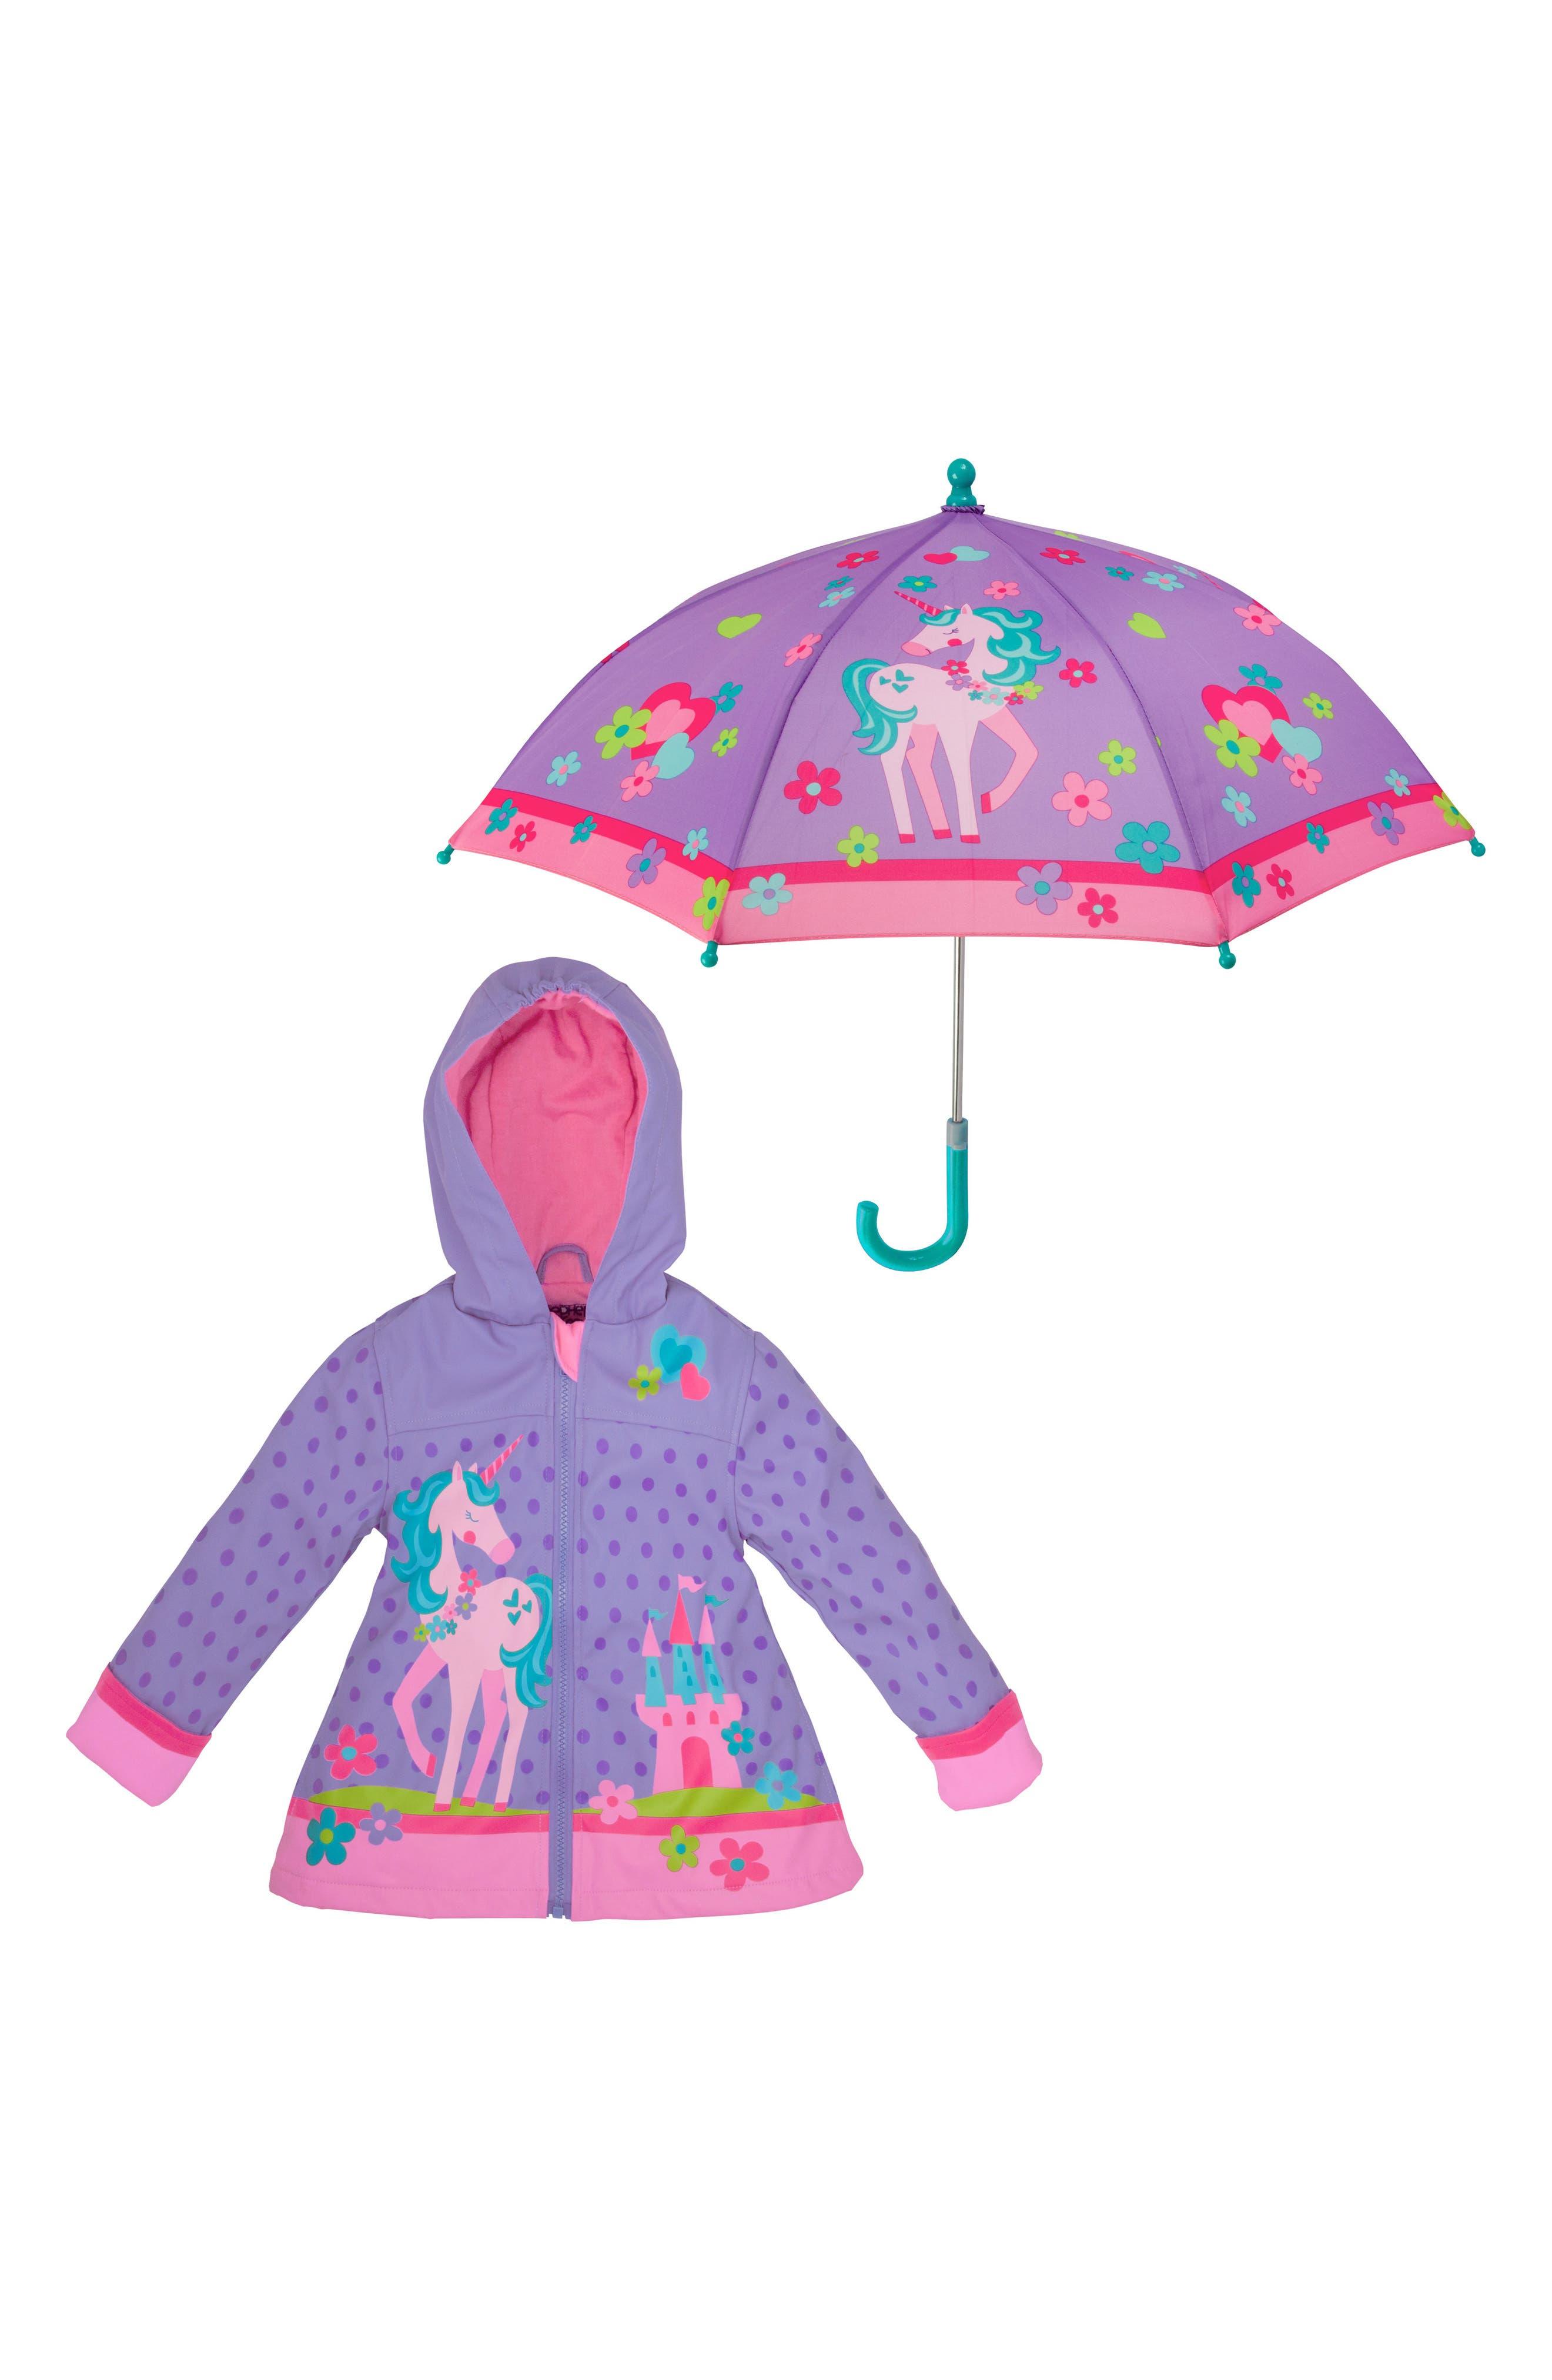 Alternate Image 1 Selected - Stephen Joseph Unicorn Raincoat & Umbrella Set (Toddler Girls, Little Girls)